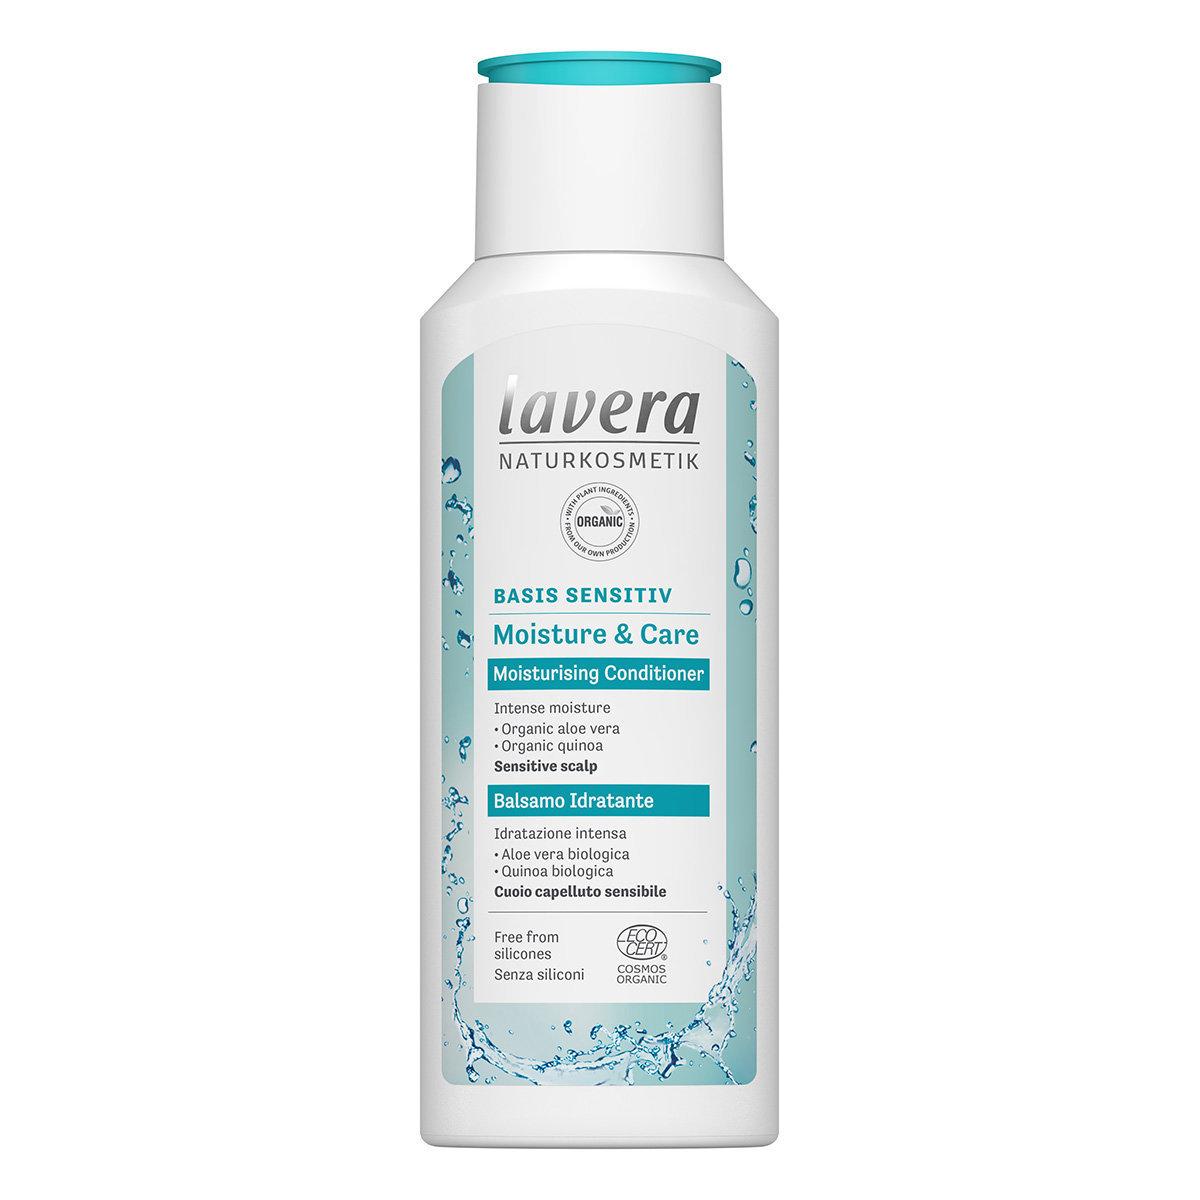 有機抗敏蘆薈水潤護髮素